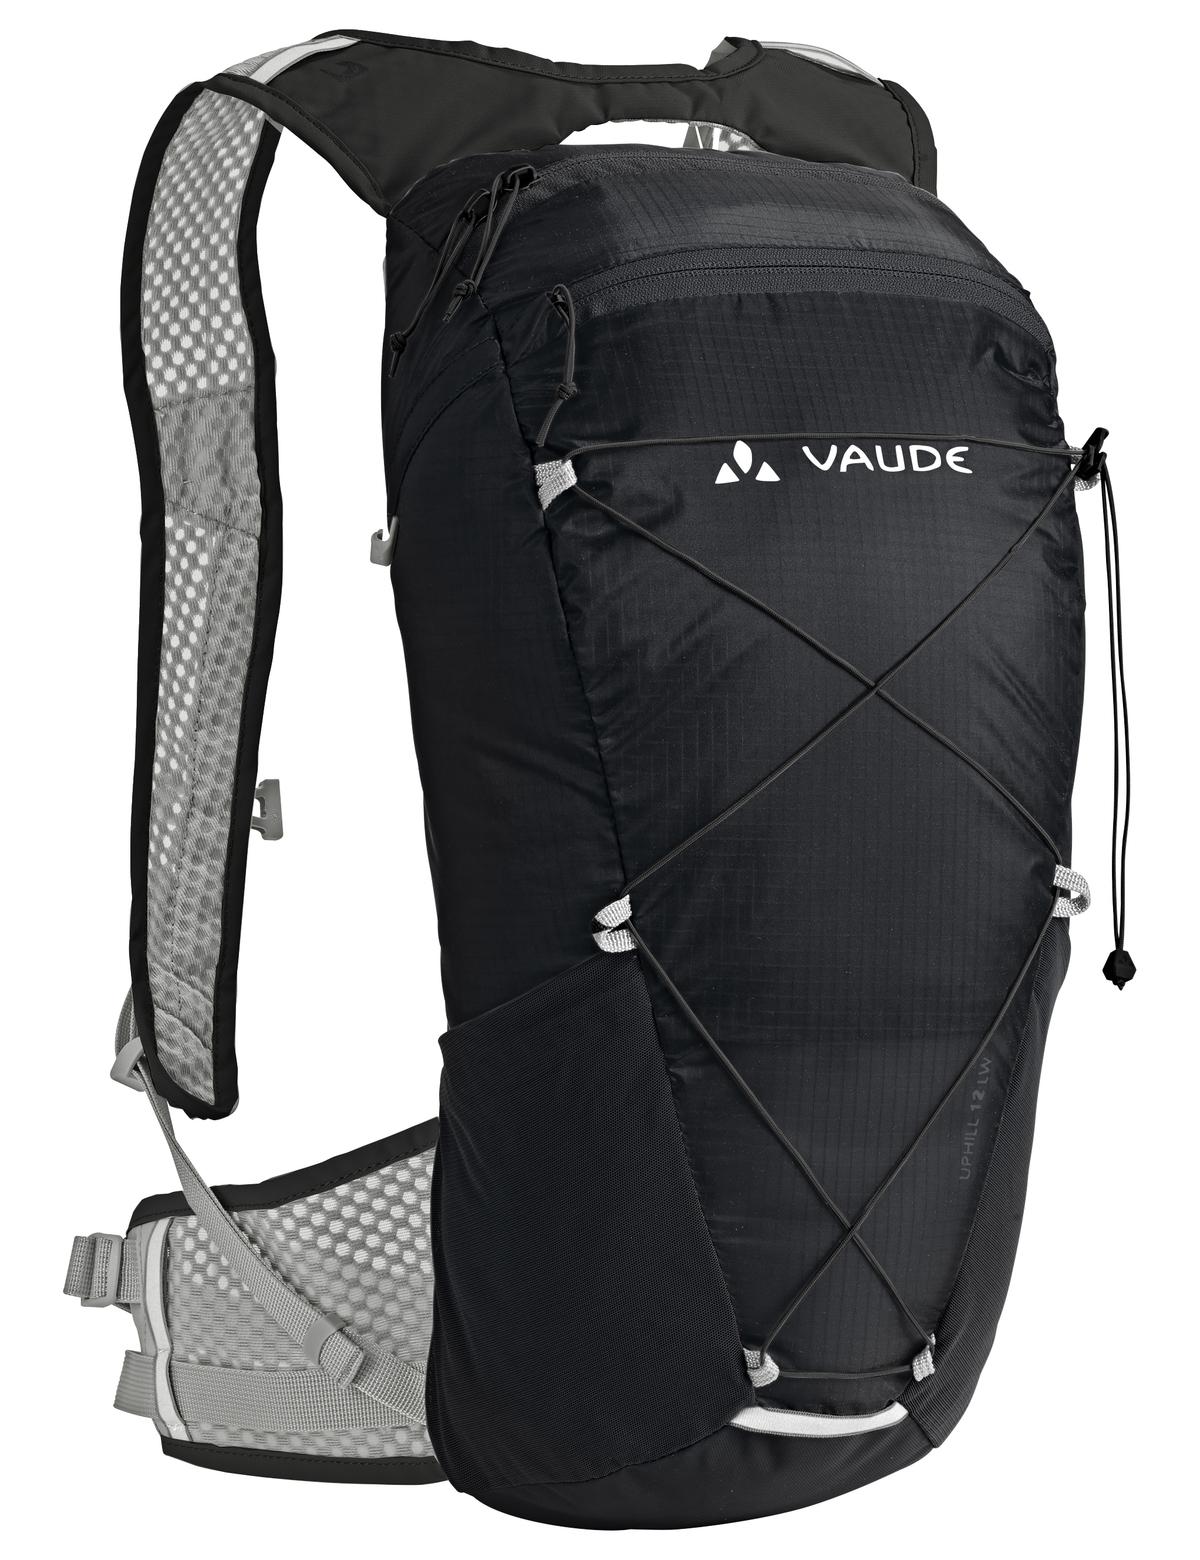 VAUDE Uphill 12 LW black  - schneider-sports